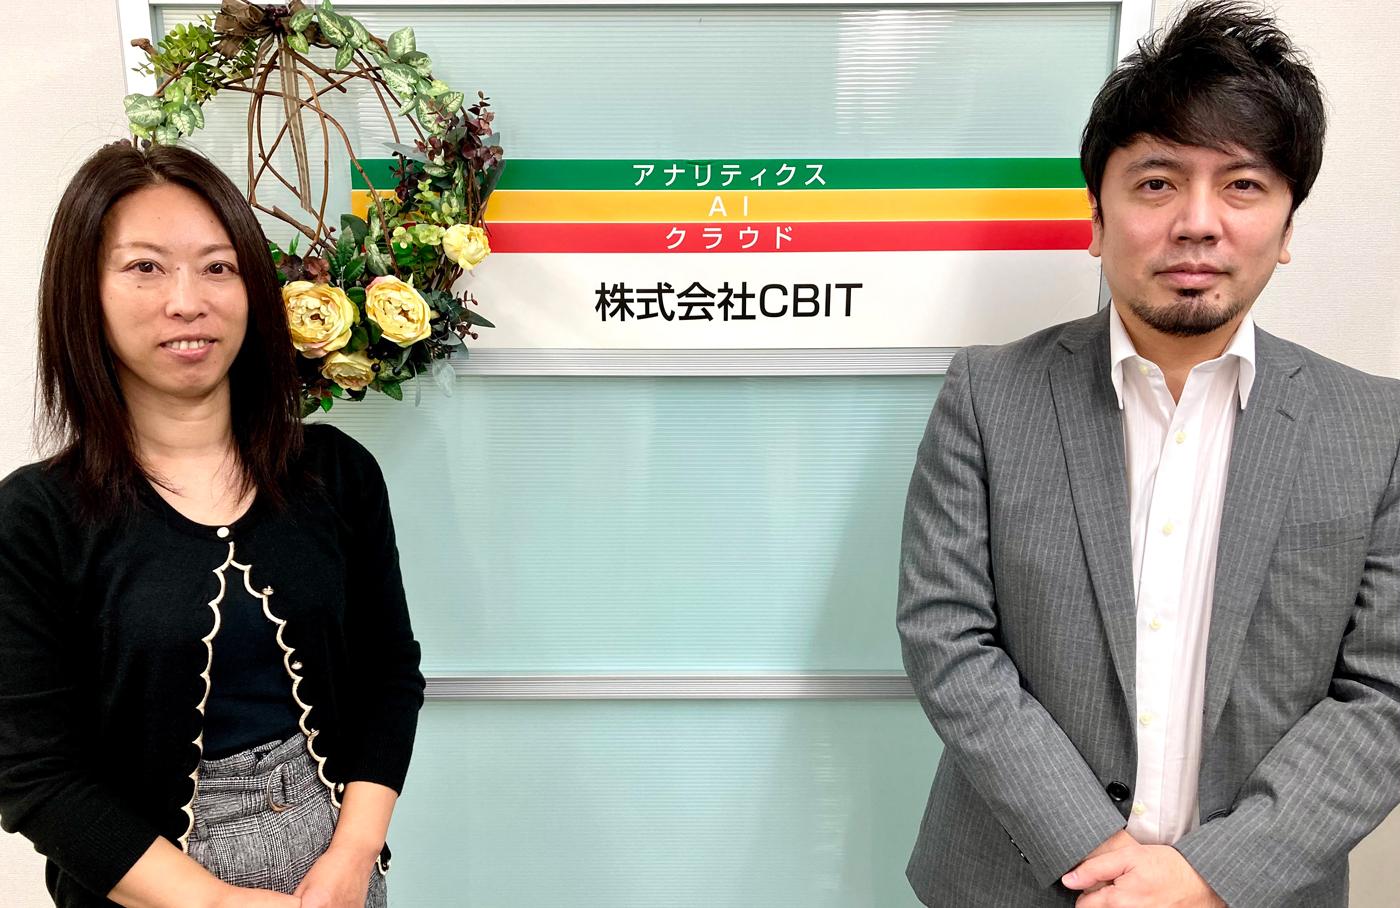 株式会社CBIT ITソリューション部 マーケティング課 池田 美保様、宮澤 聡様